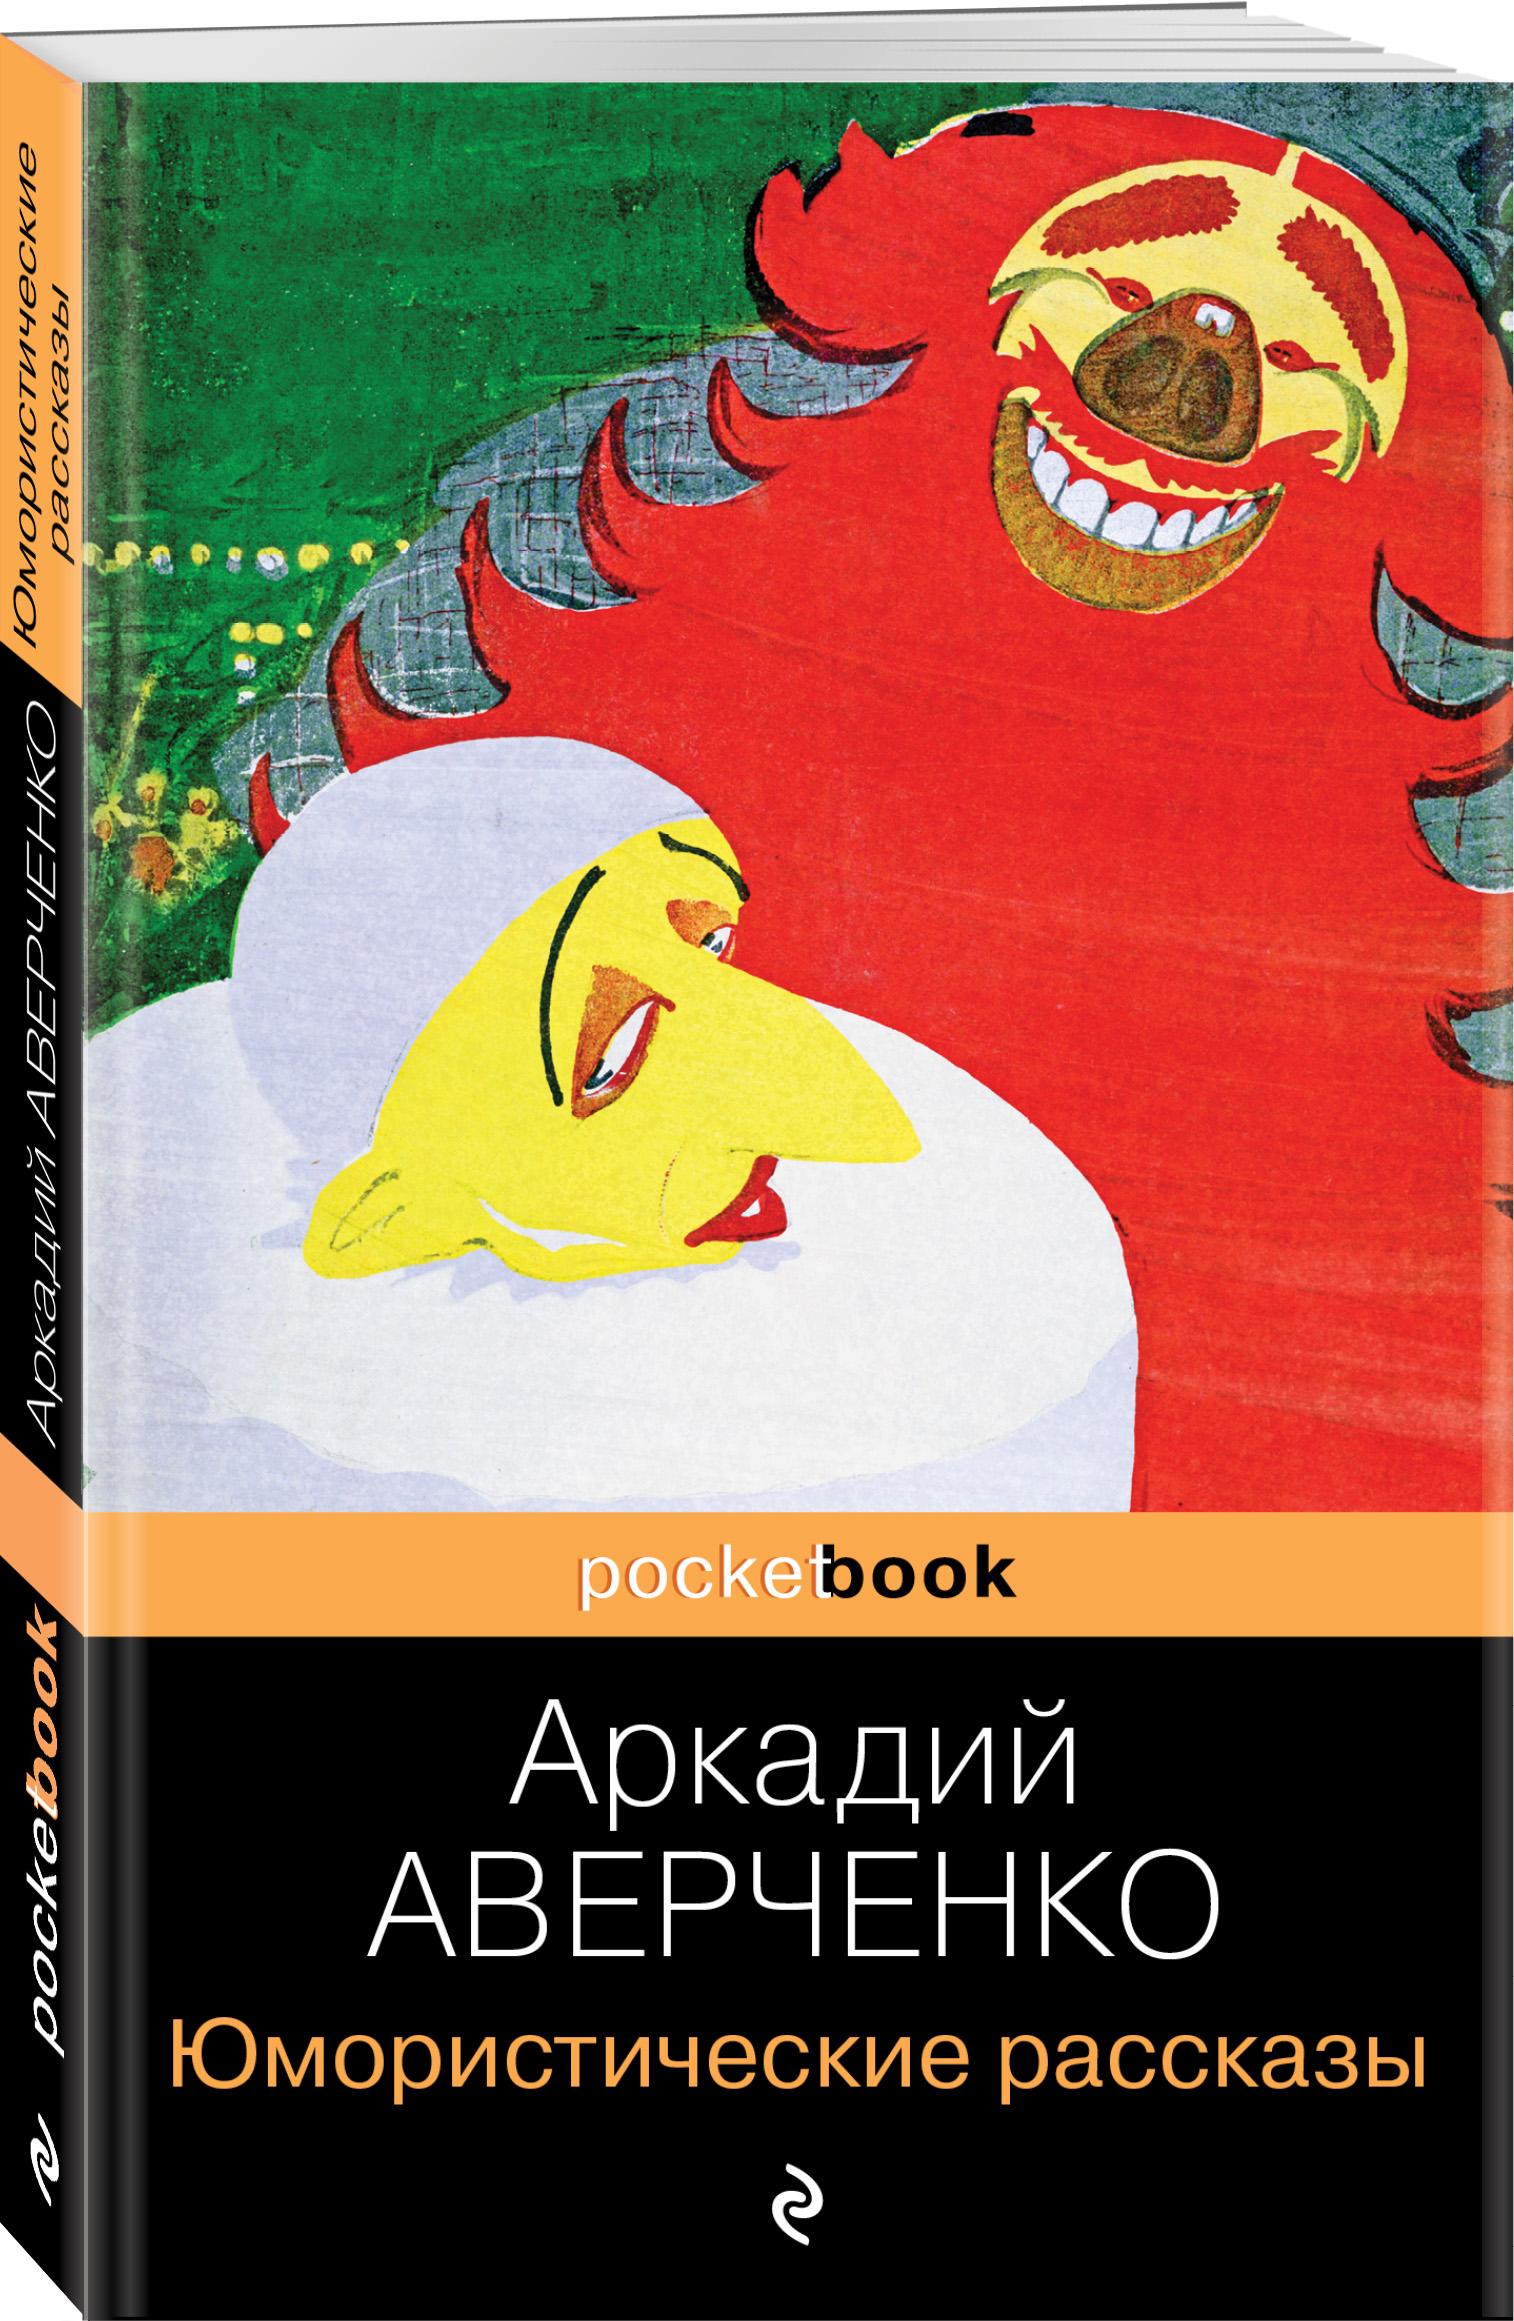 Аркадий Аверченко Юмористические рассказы аркадий аверченко одно из моих чудес